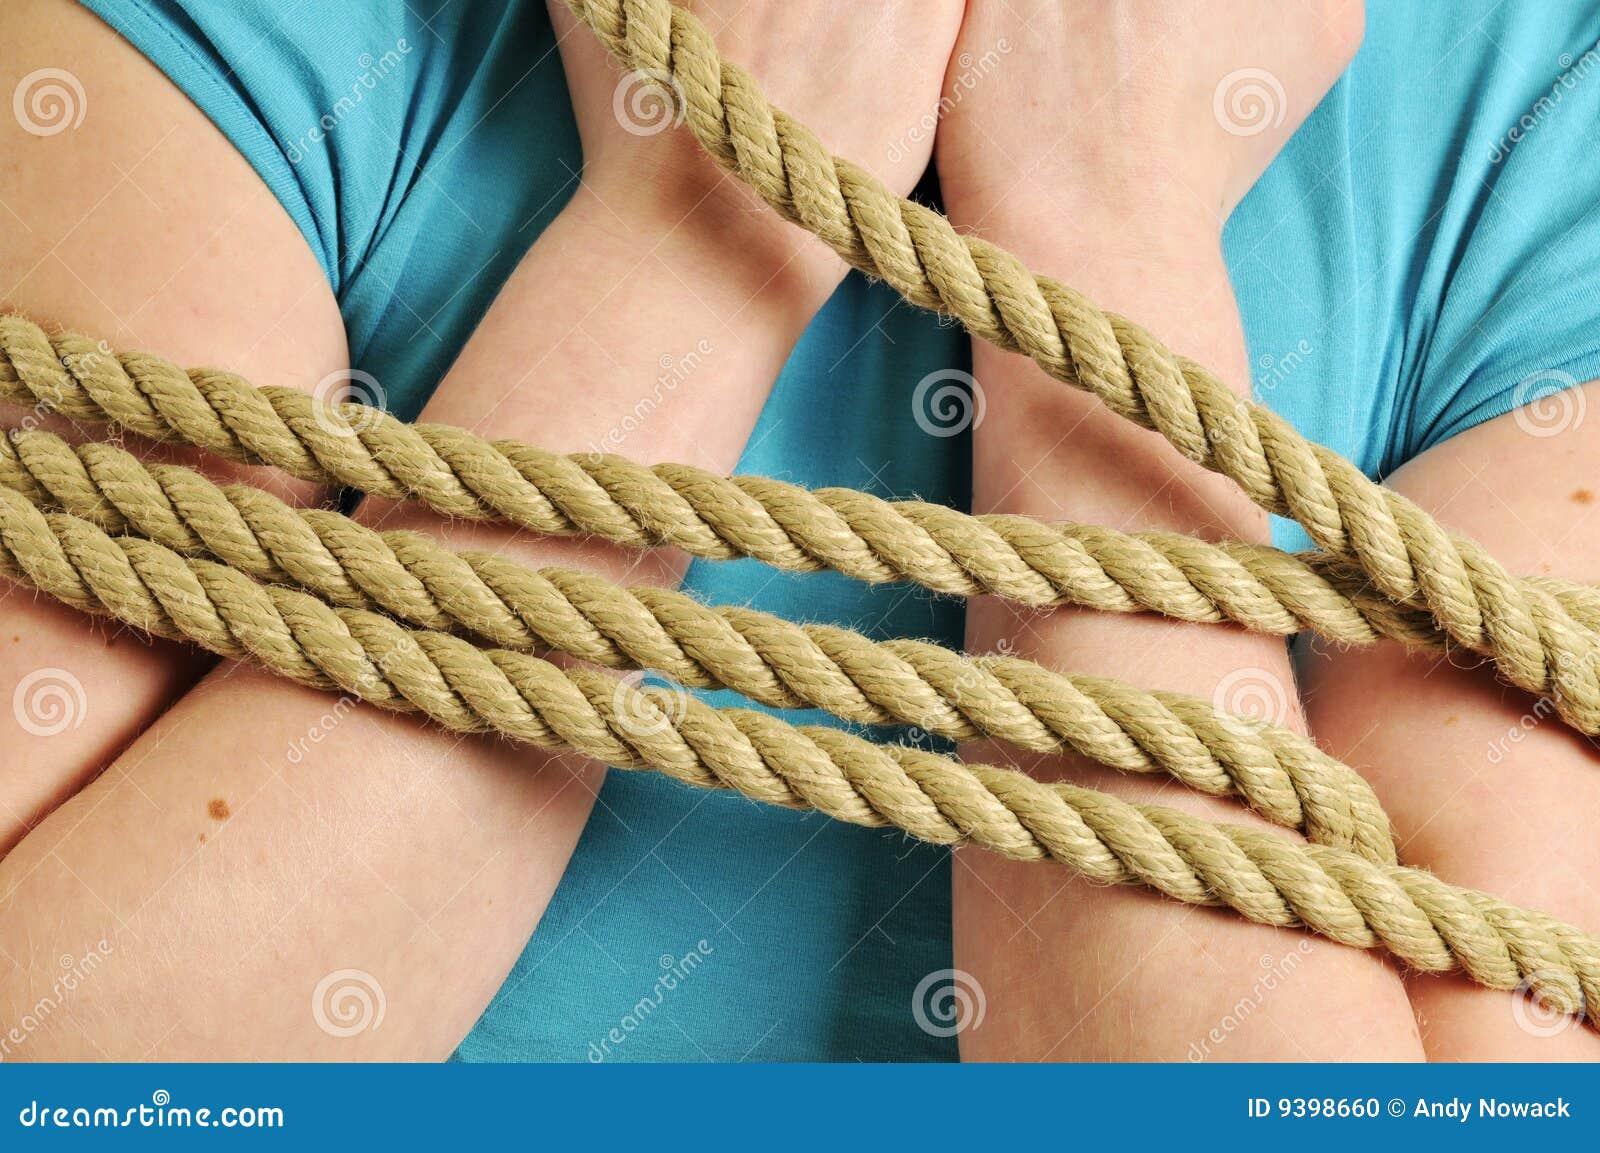 Связанная веревкой девушка 4 фотография